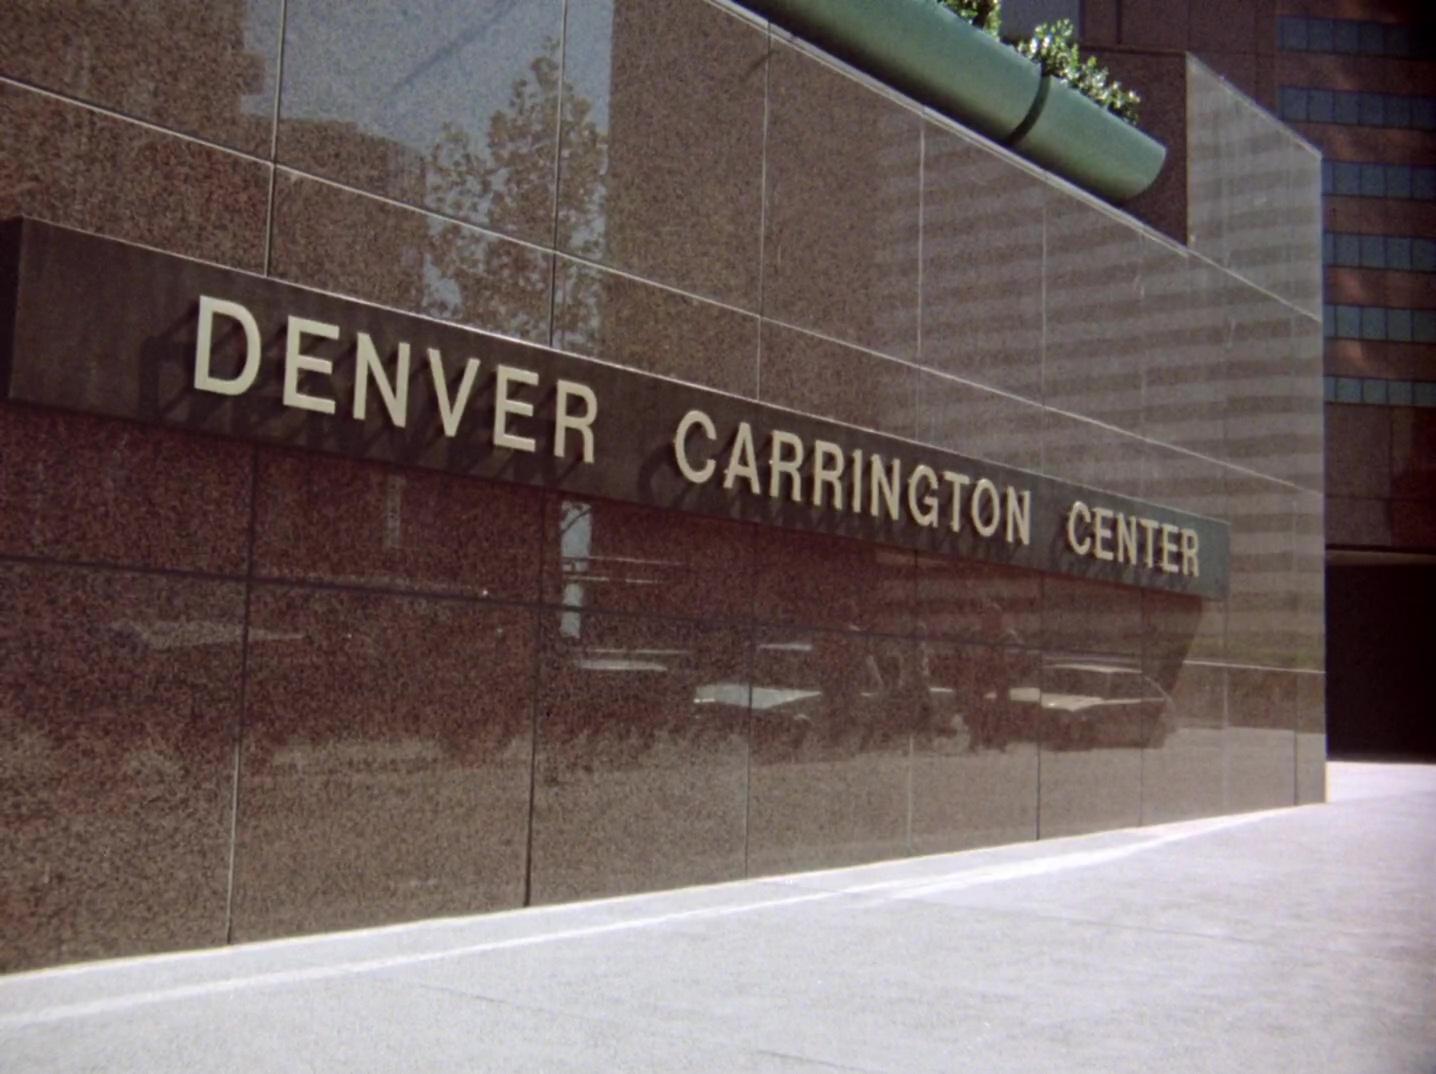 File:DenverCarrington4.jpg